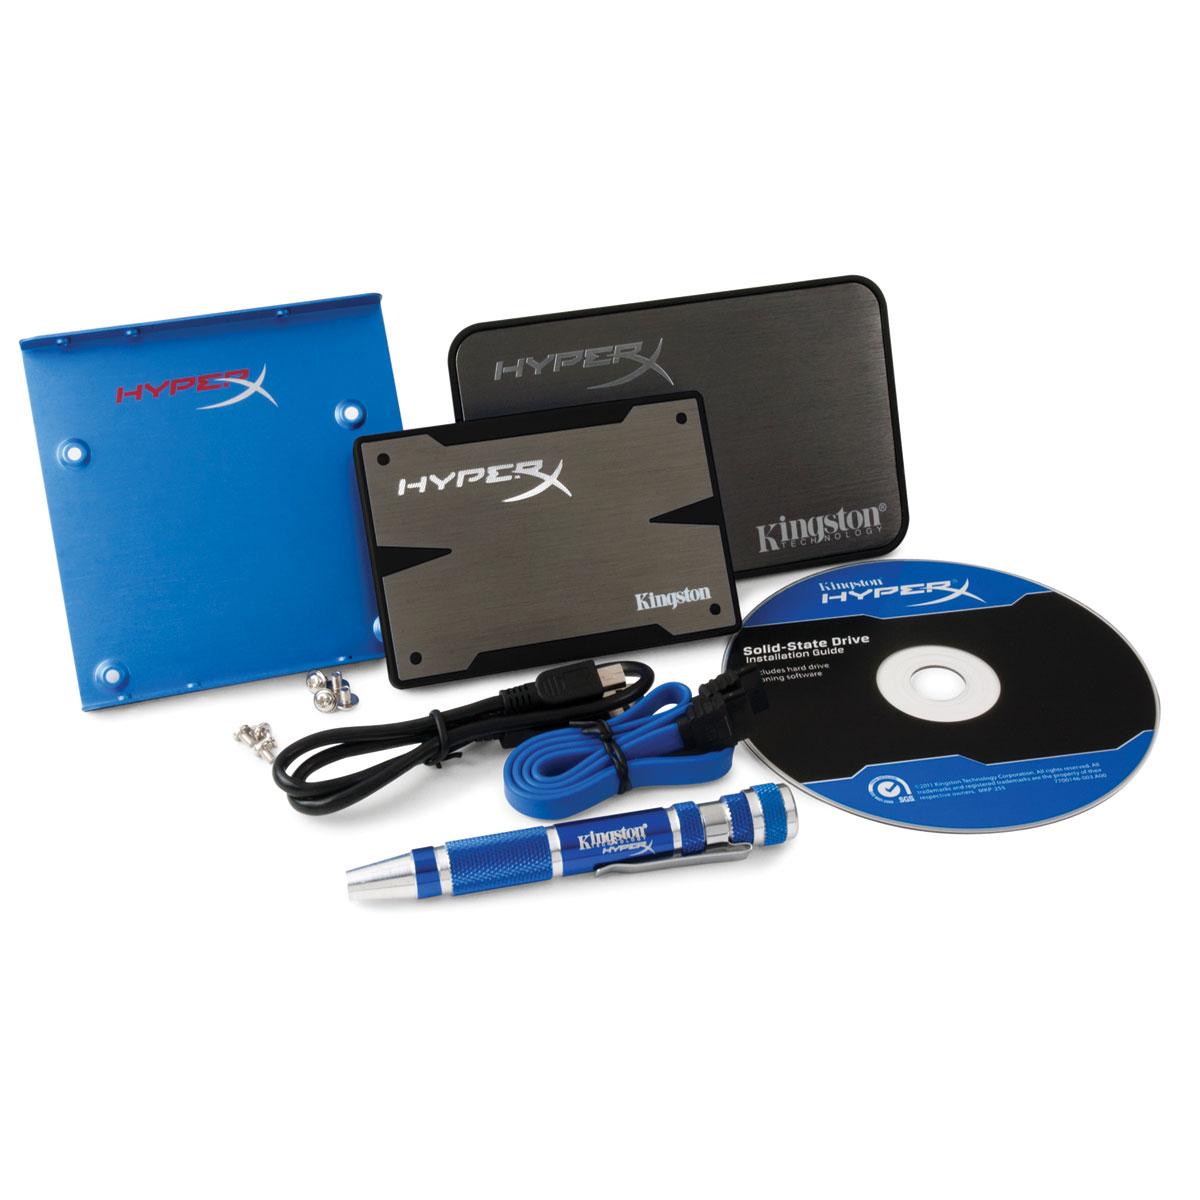 """Disque SSD Kingston HyperX 3K SSD Series 120 Go Kit Upgrade SSD 120 Go 2.5"""" Serial ATA 6Gb/s avec Kit pour PC de bureau et PC portable"""